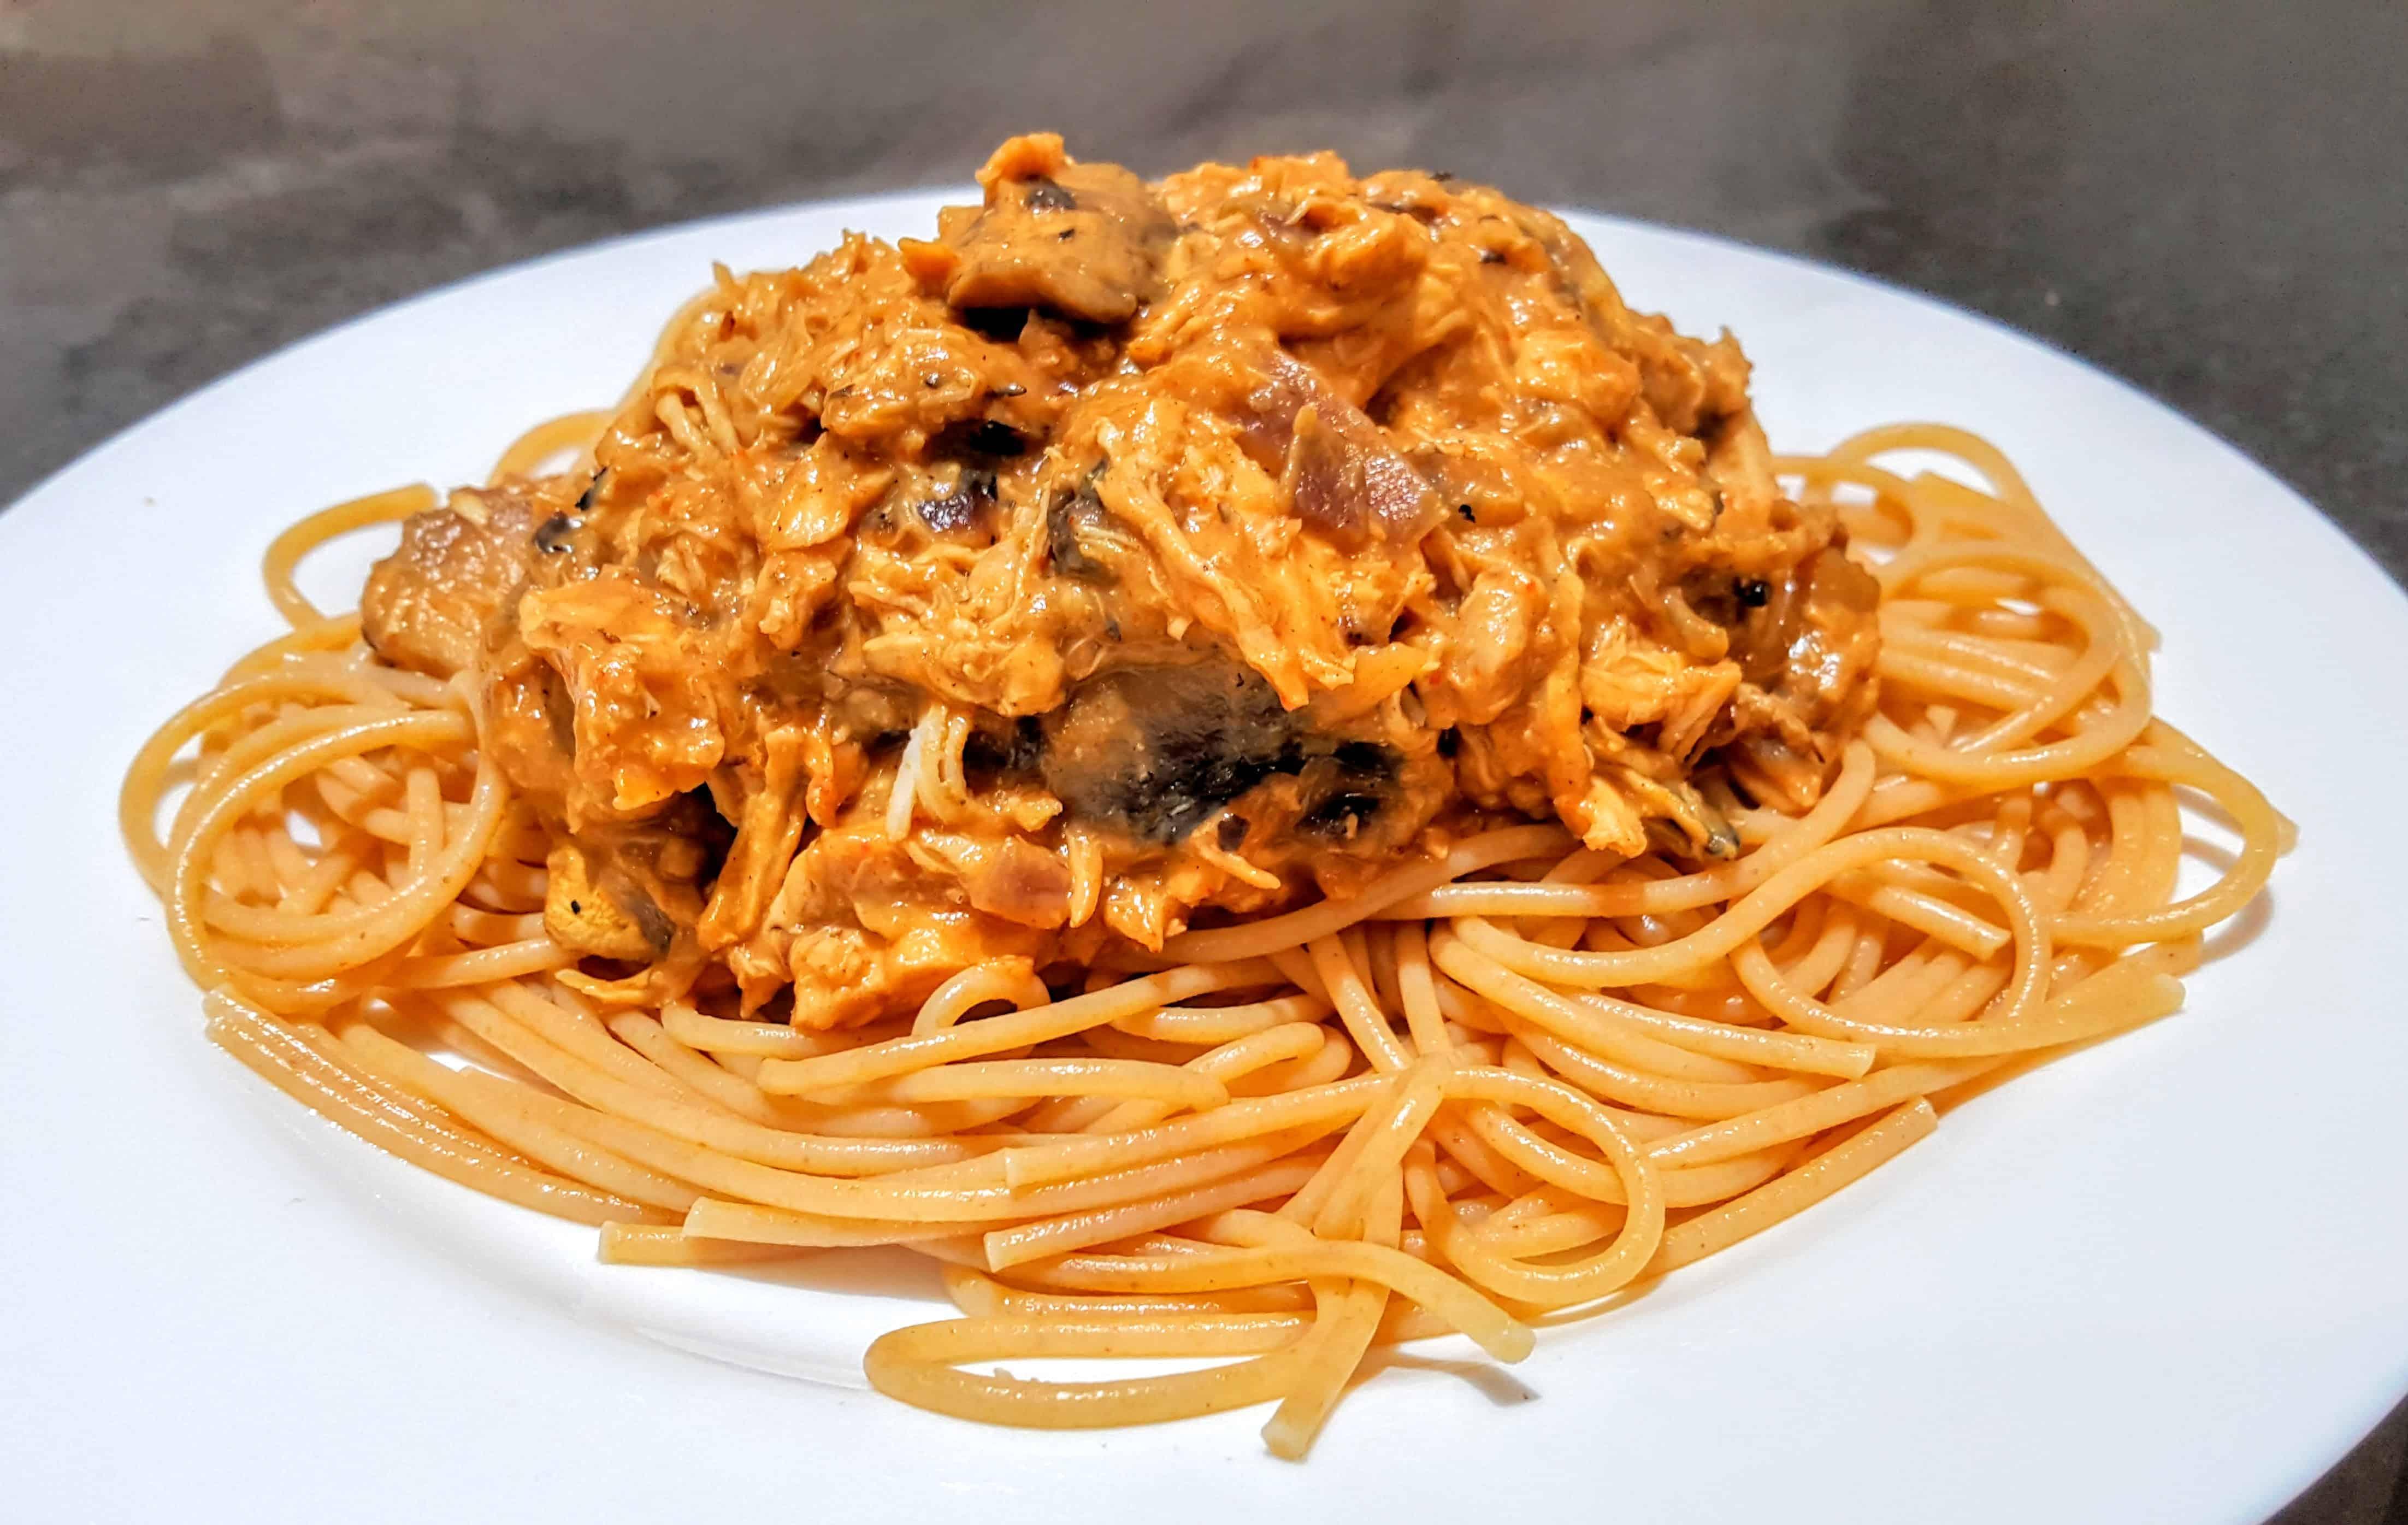 Slimming World Syn Free Chicken & Mushroom Stroganoff Recipe